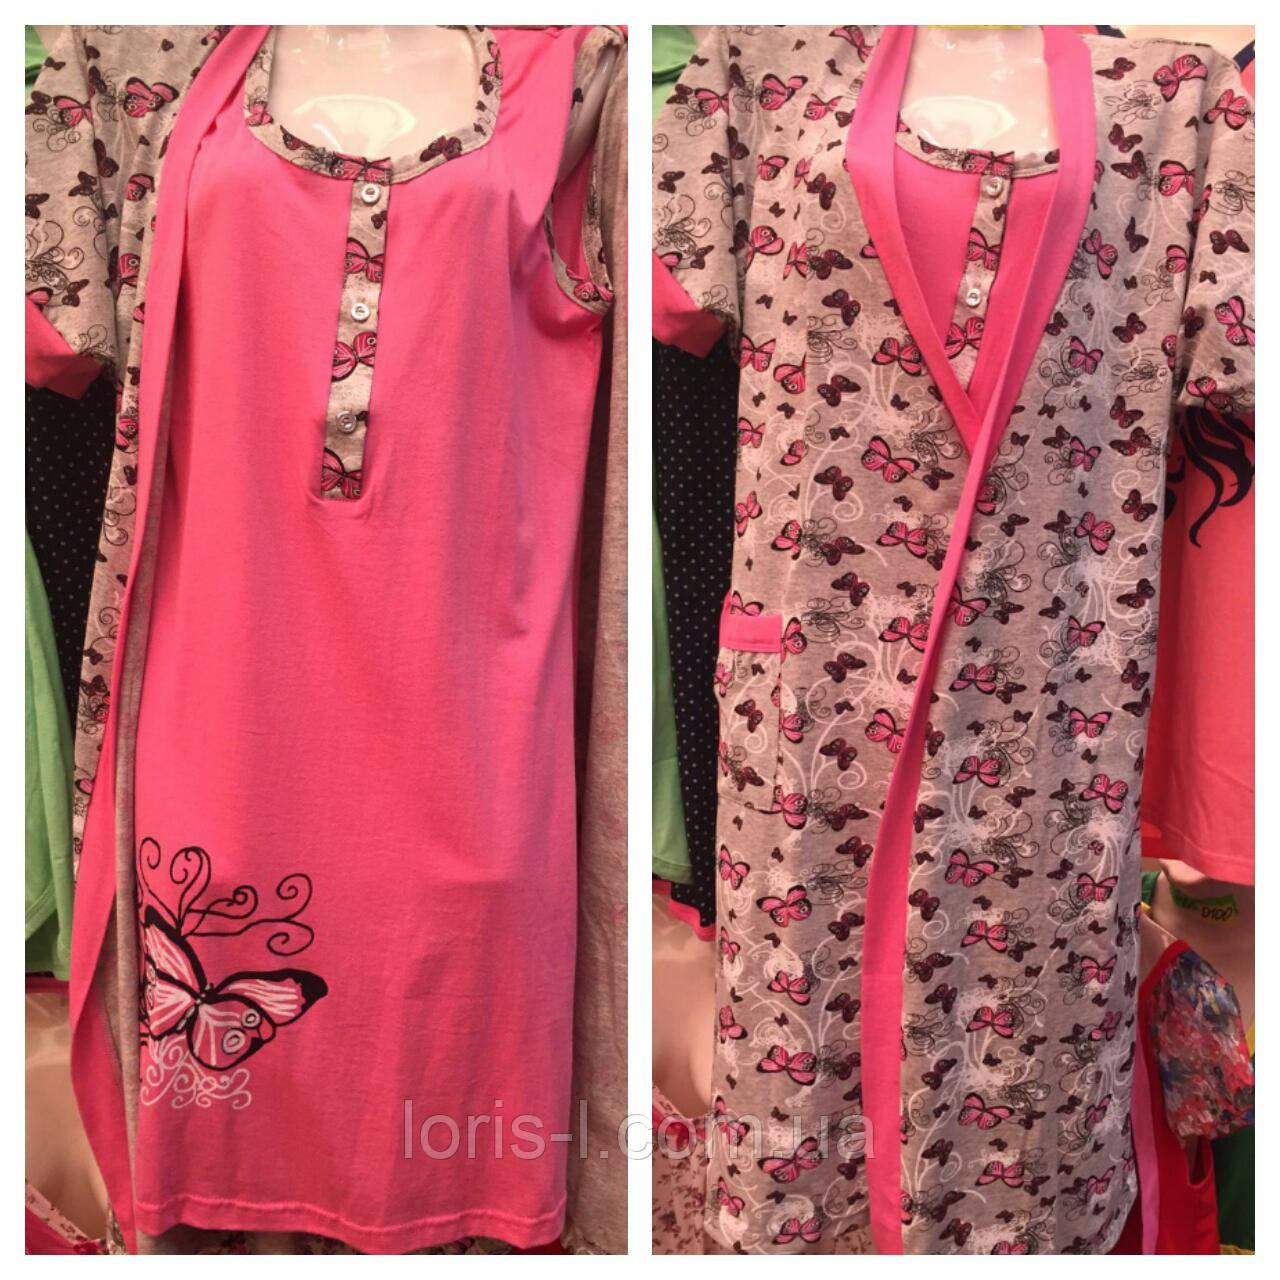 6b0a16cdbab7 Халат и ночная рубашка - Интернет-магазин одежды для Всей семьи